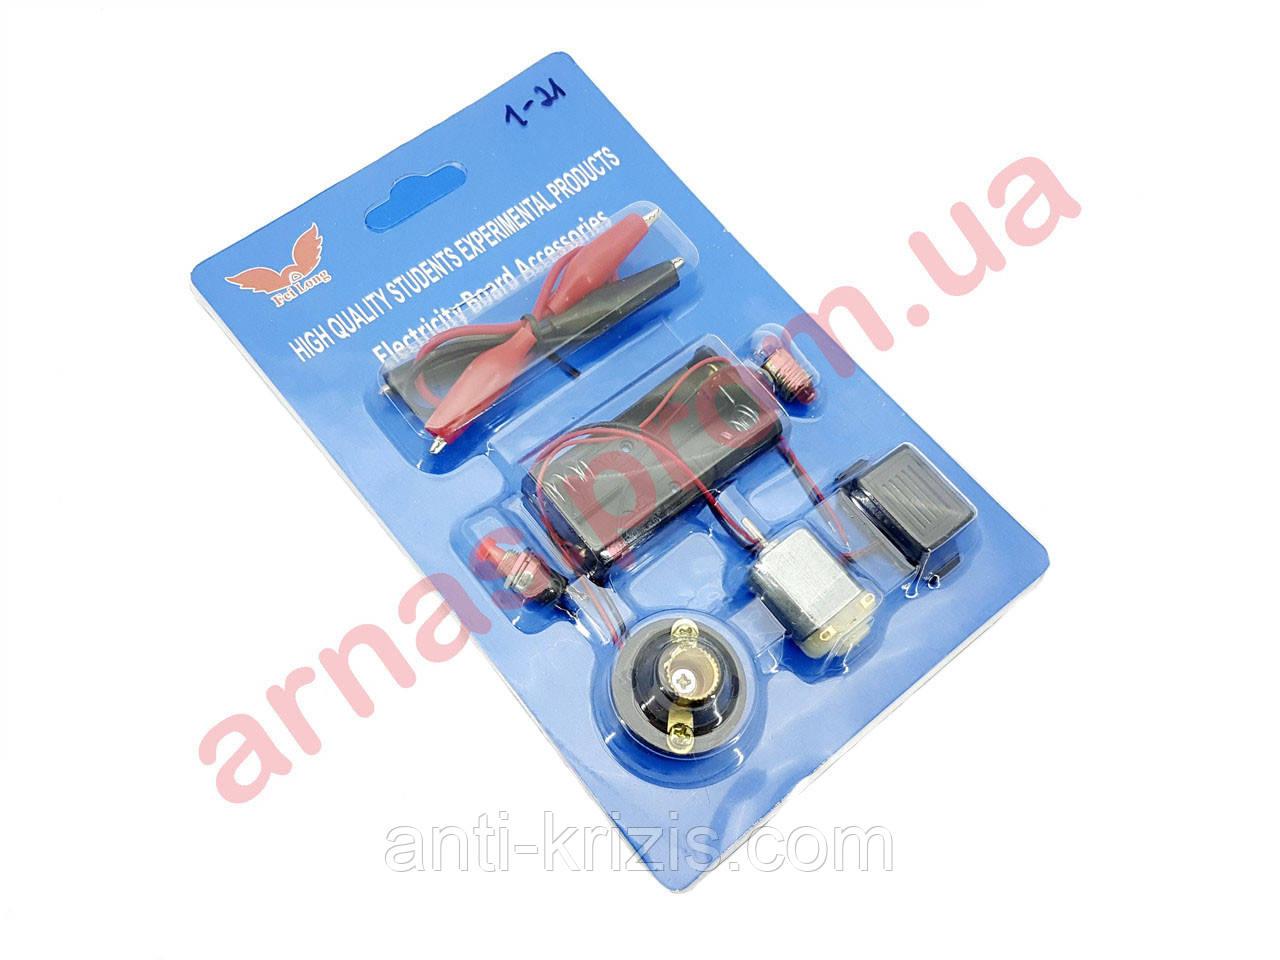 Набор для сборки простейших электросхем (1-21)